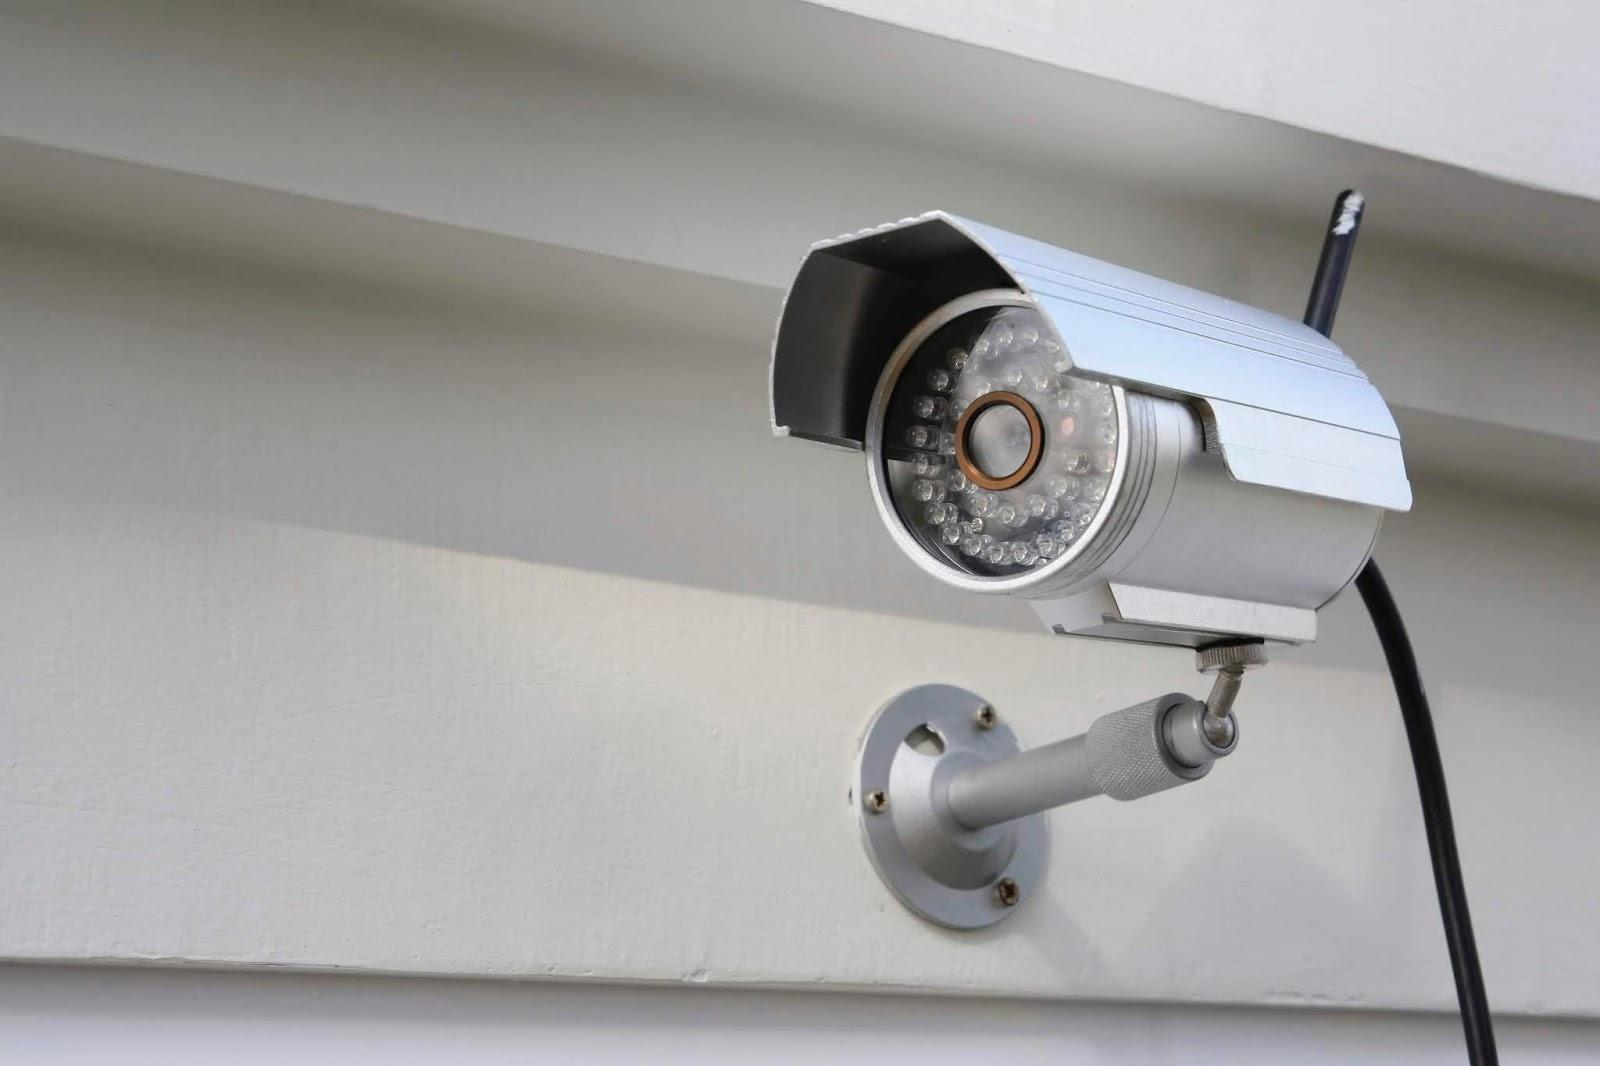 Criminal instal stolen CCTV camera at home, streams live film back to real owner